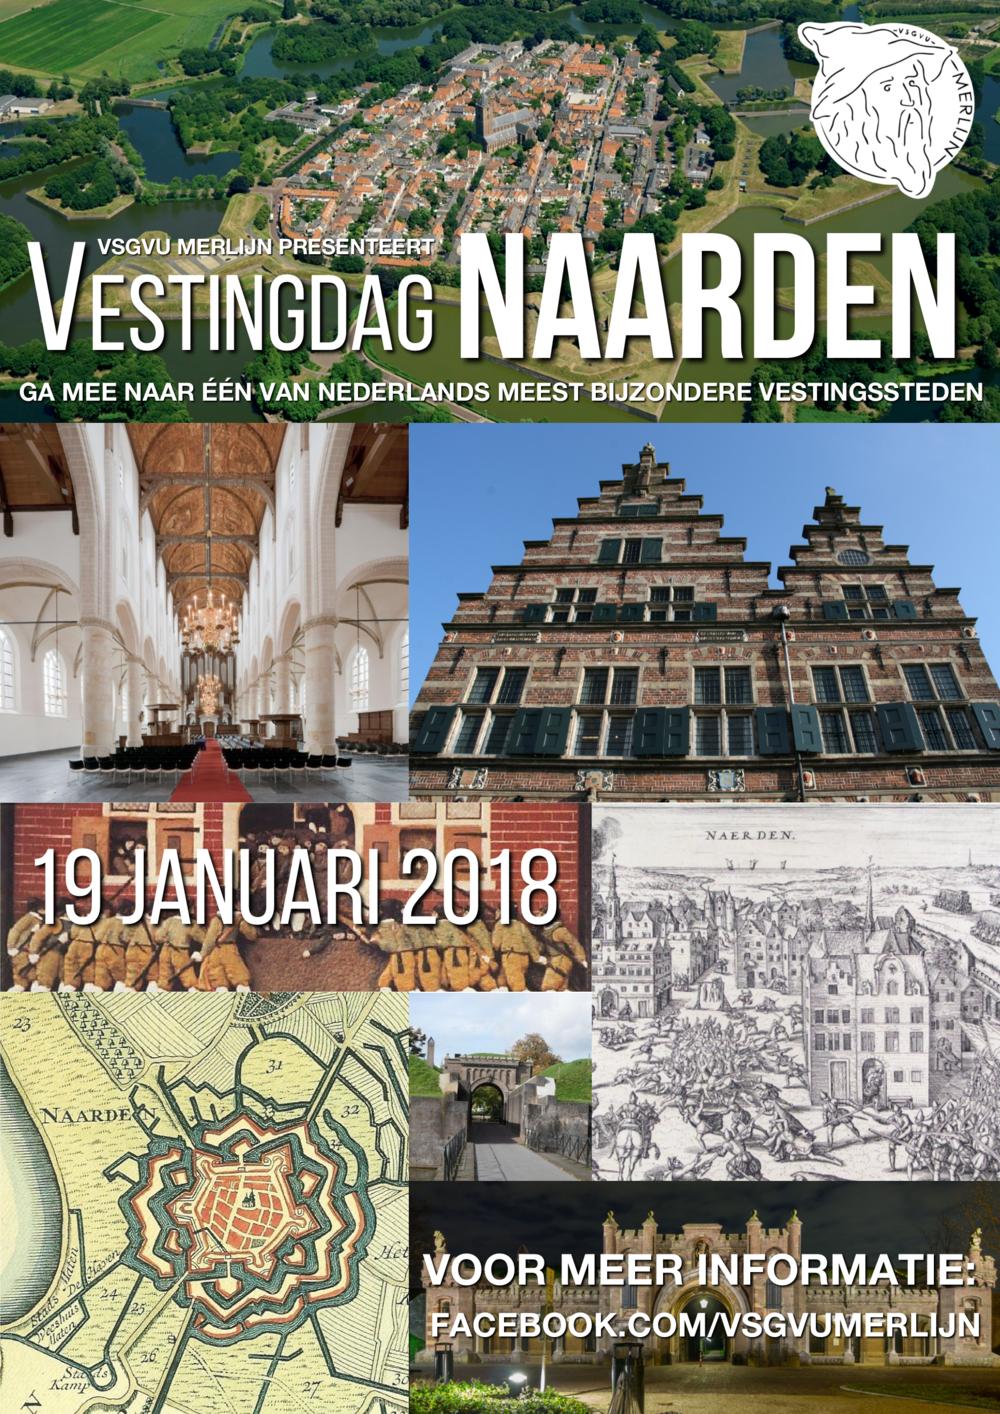 19-01 - Op 19 januari volgend jaar, na de kerstvakantie dus, gaan we samen met Mevrouw Kuijpers op een historisch dagje uit naar Naarden, op Merlijns eerste Vestingdag! Op deze dag zullen we leren over de geschiedenis van wat door velen de meest bijzondere vestingstad van Nederland wordt genoemd.